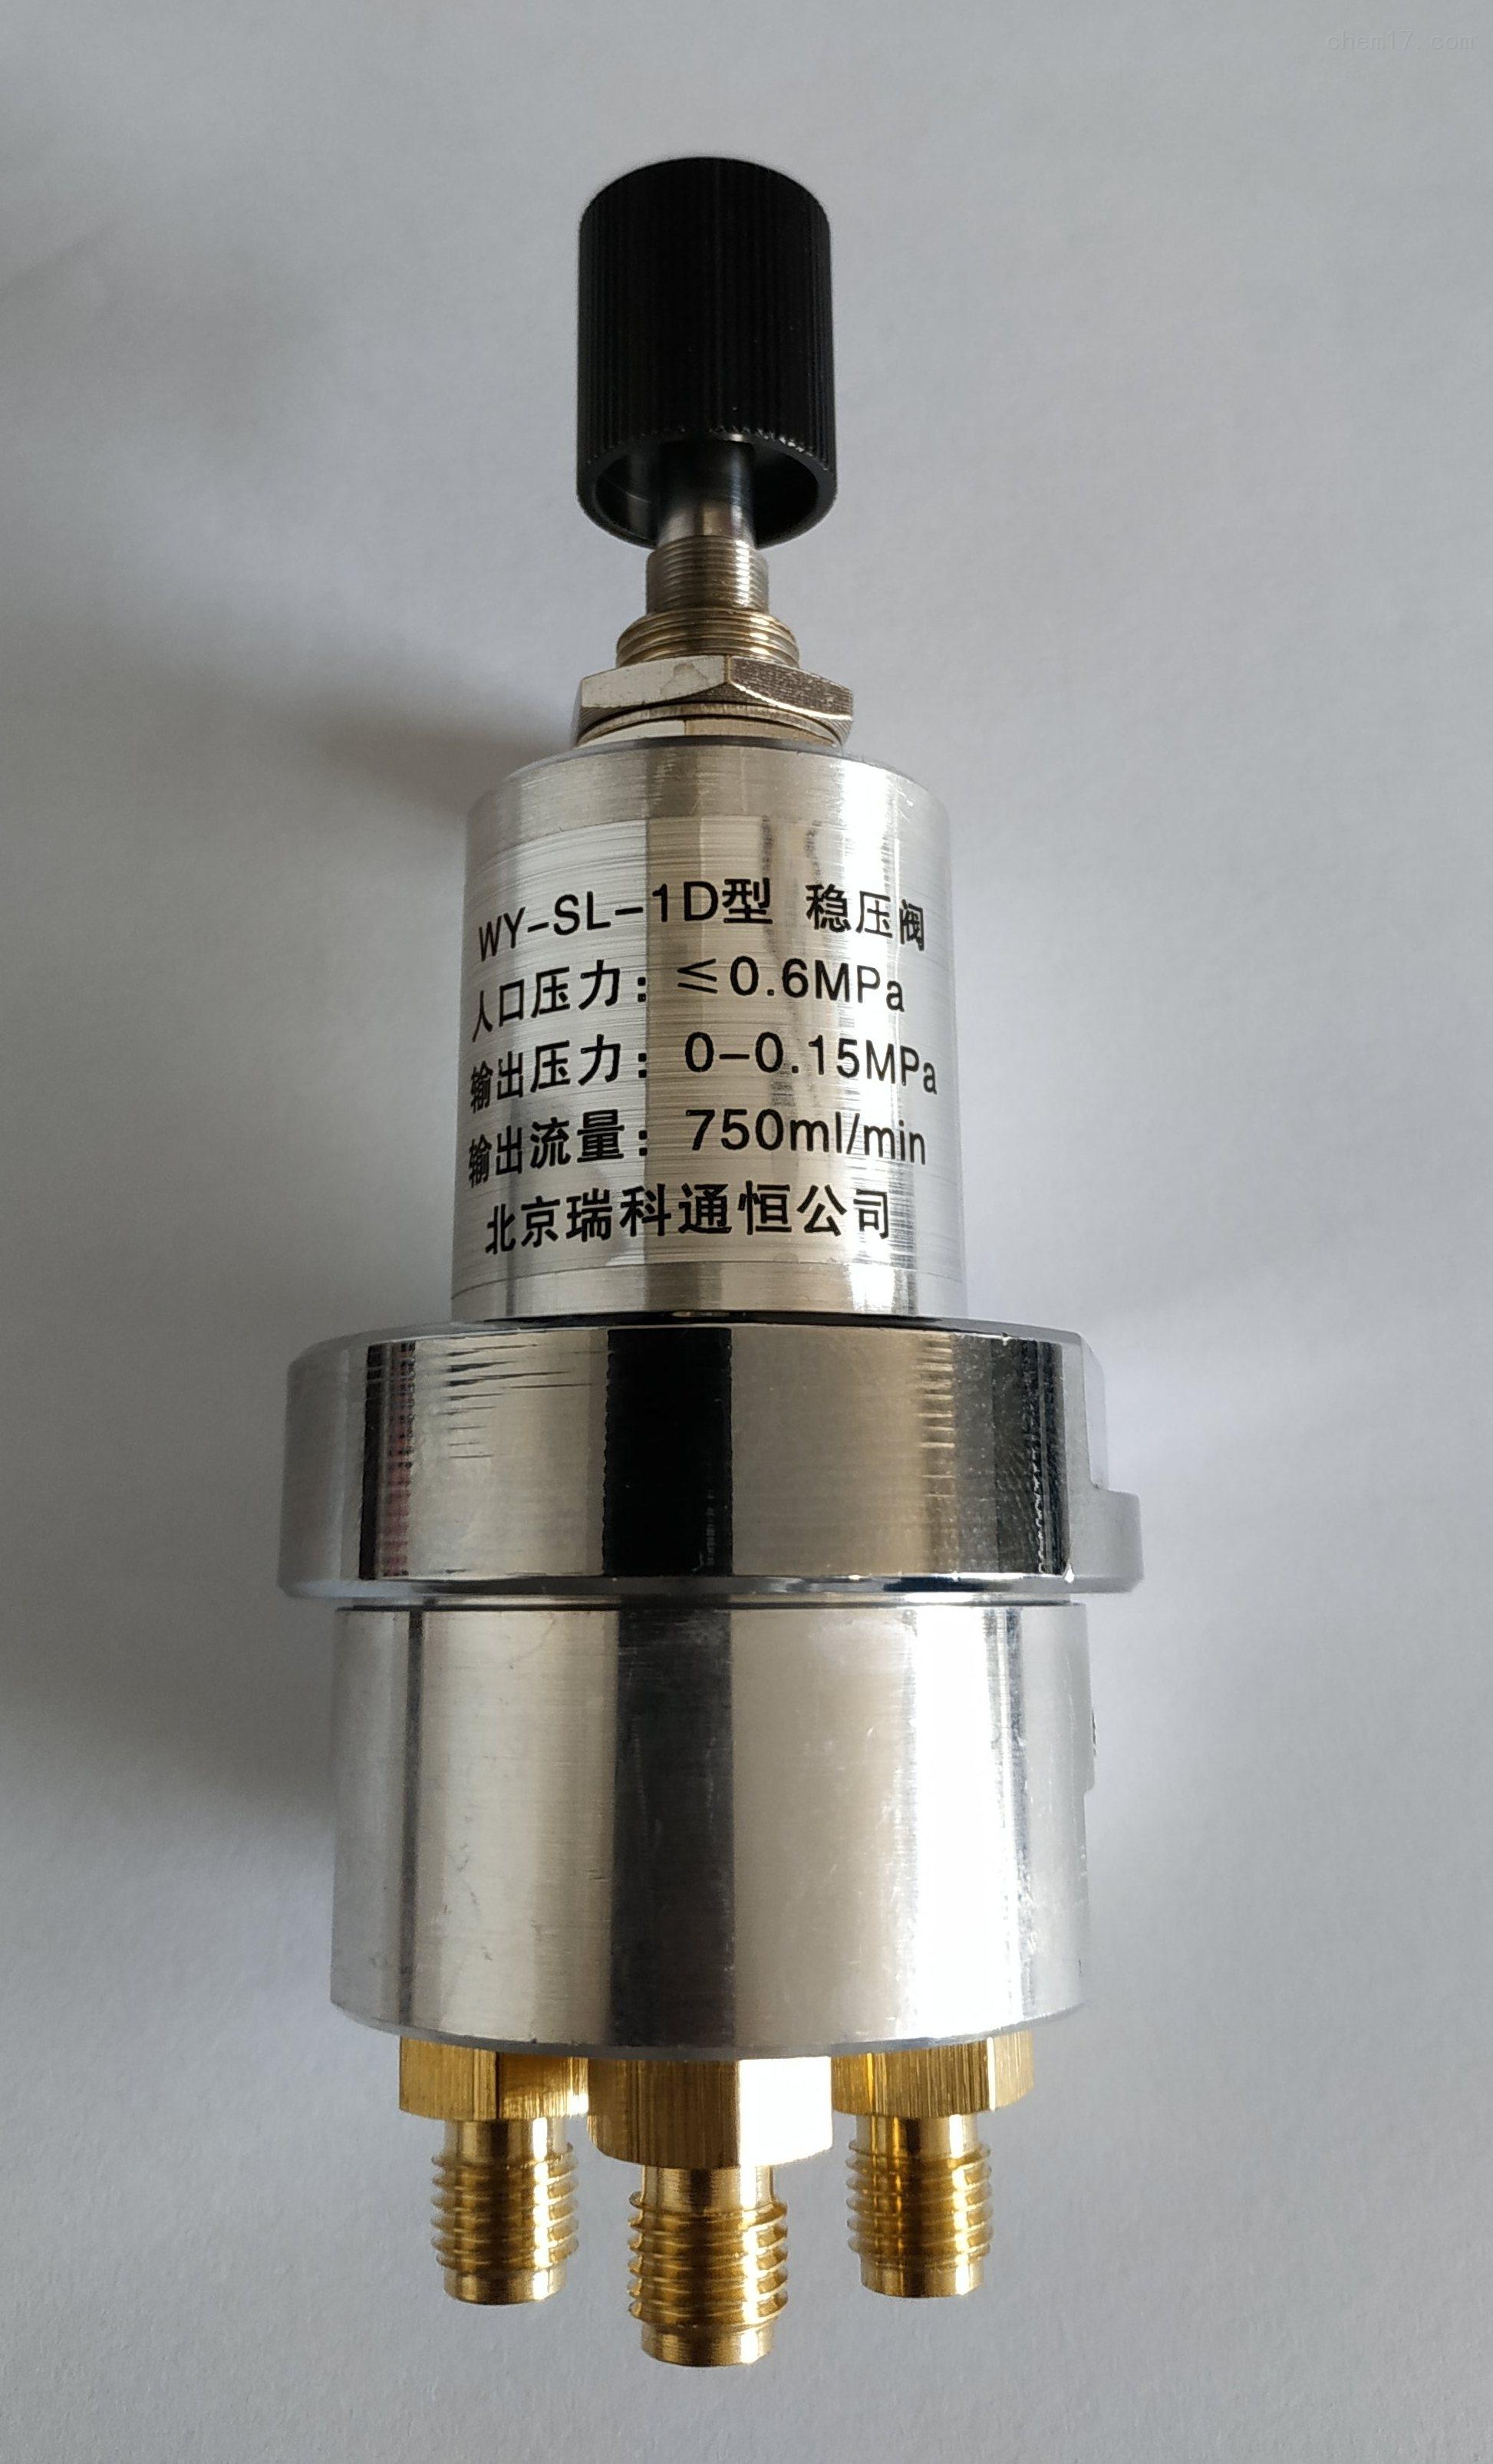 WY-SL-1D型低压稳压阀